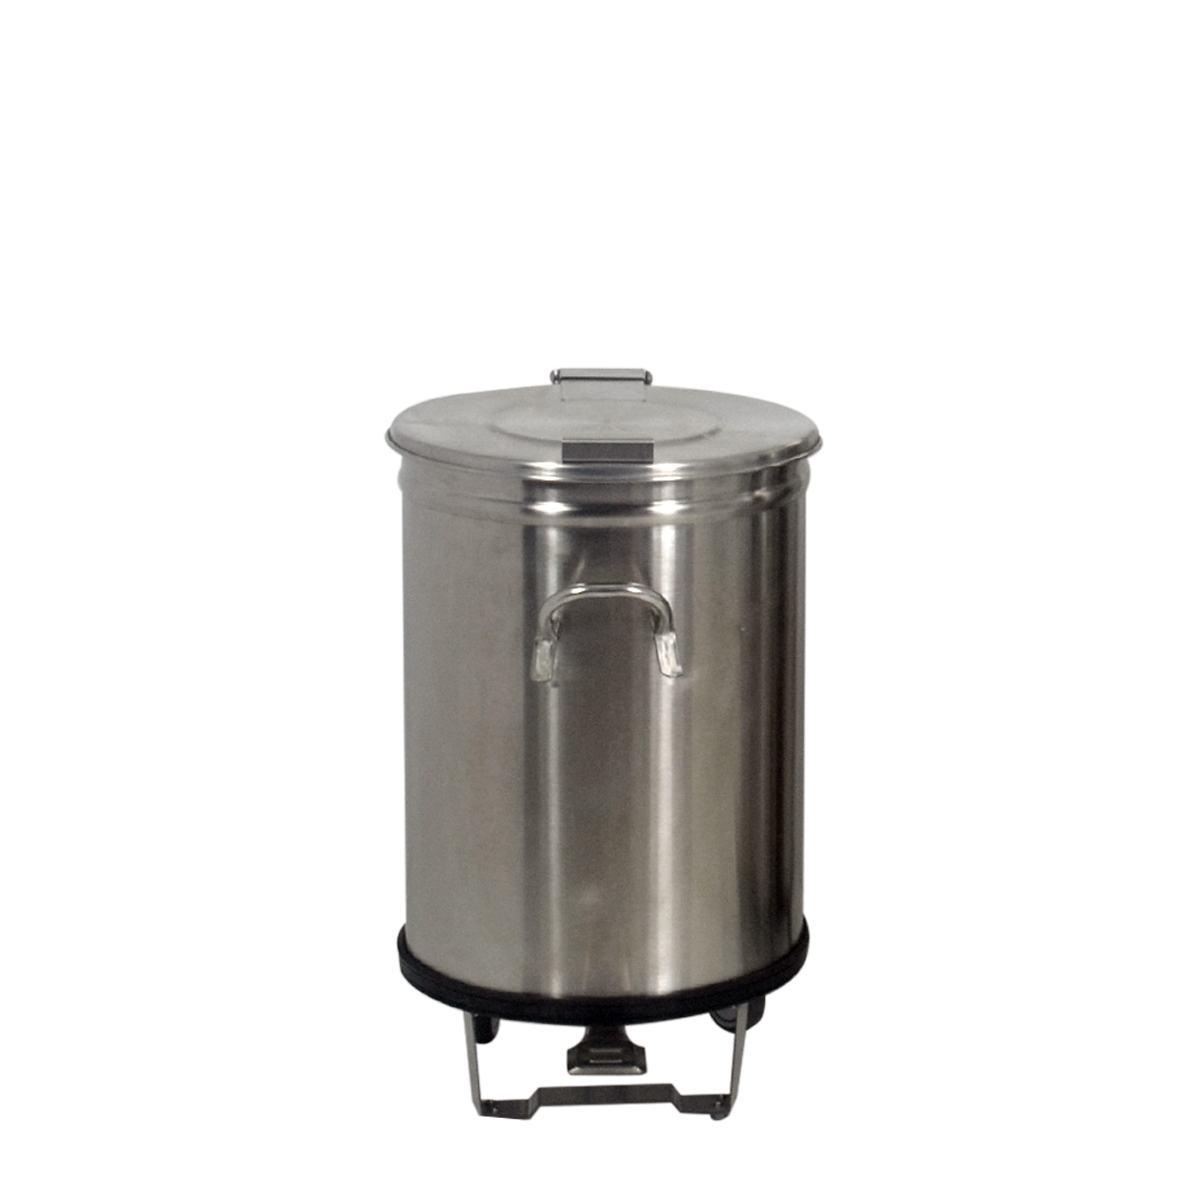 Lixeira de Inox com Pedal 50 Litros FrigoPro